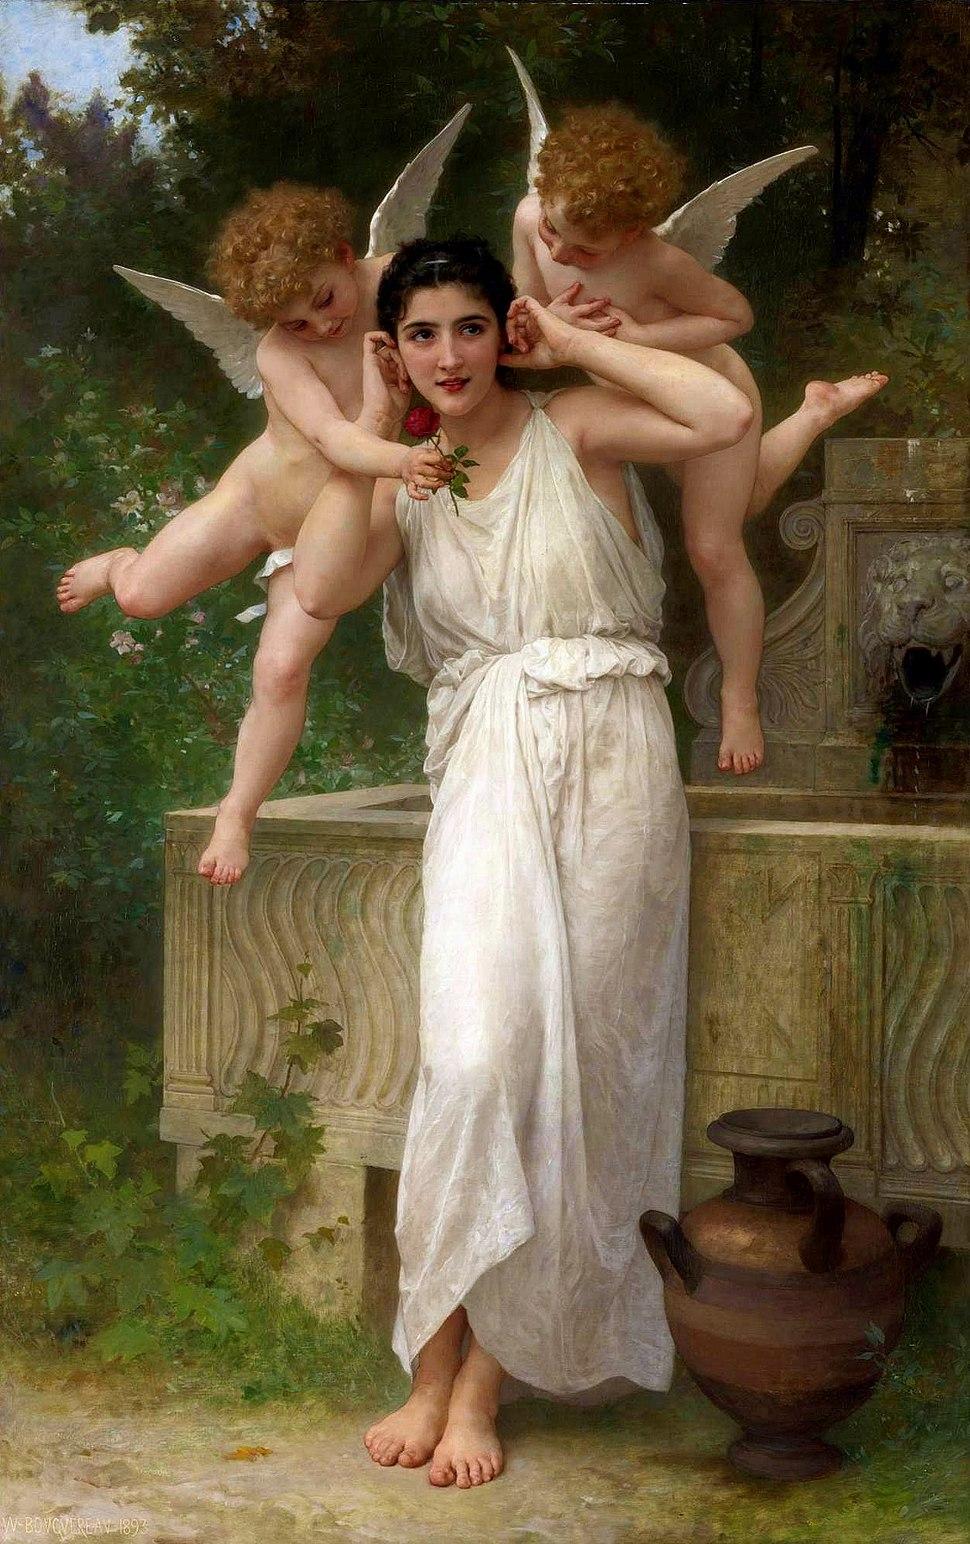 William-Adolphe Bouguereau (1825-1905) -Youth (1893)